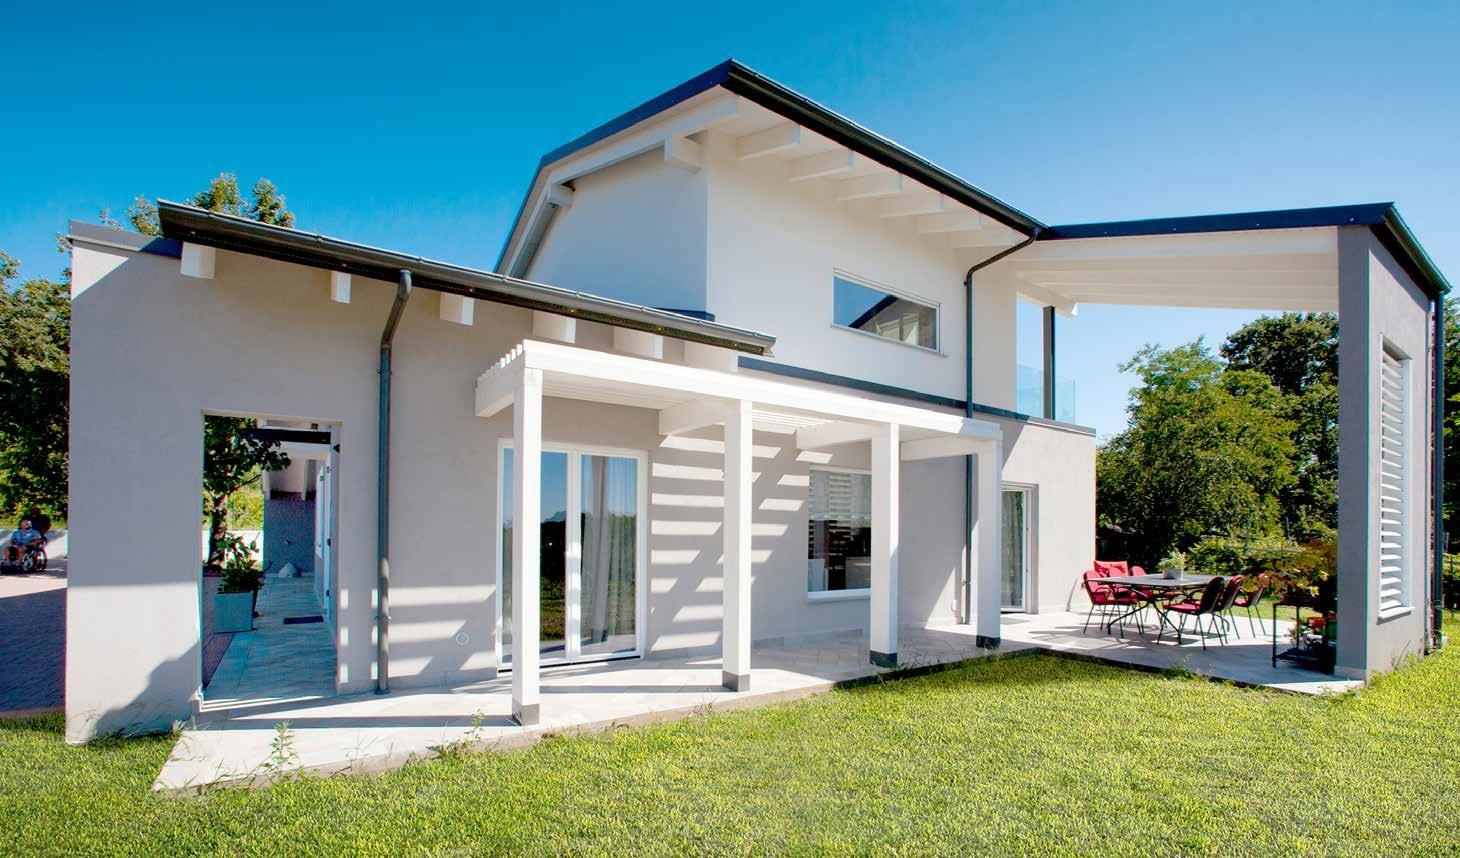 Casa da sogno design immerso nel verde - Sogno casa fabriano ...